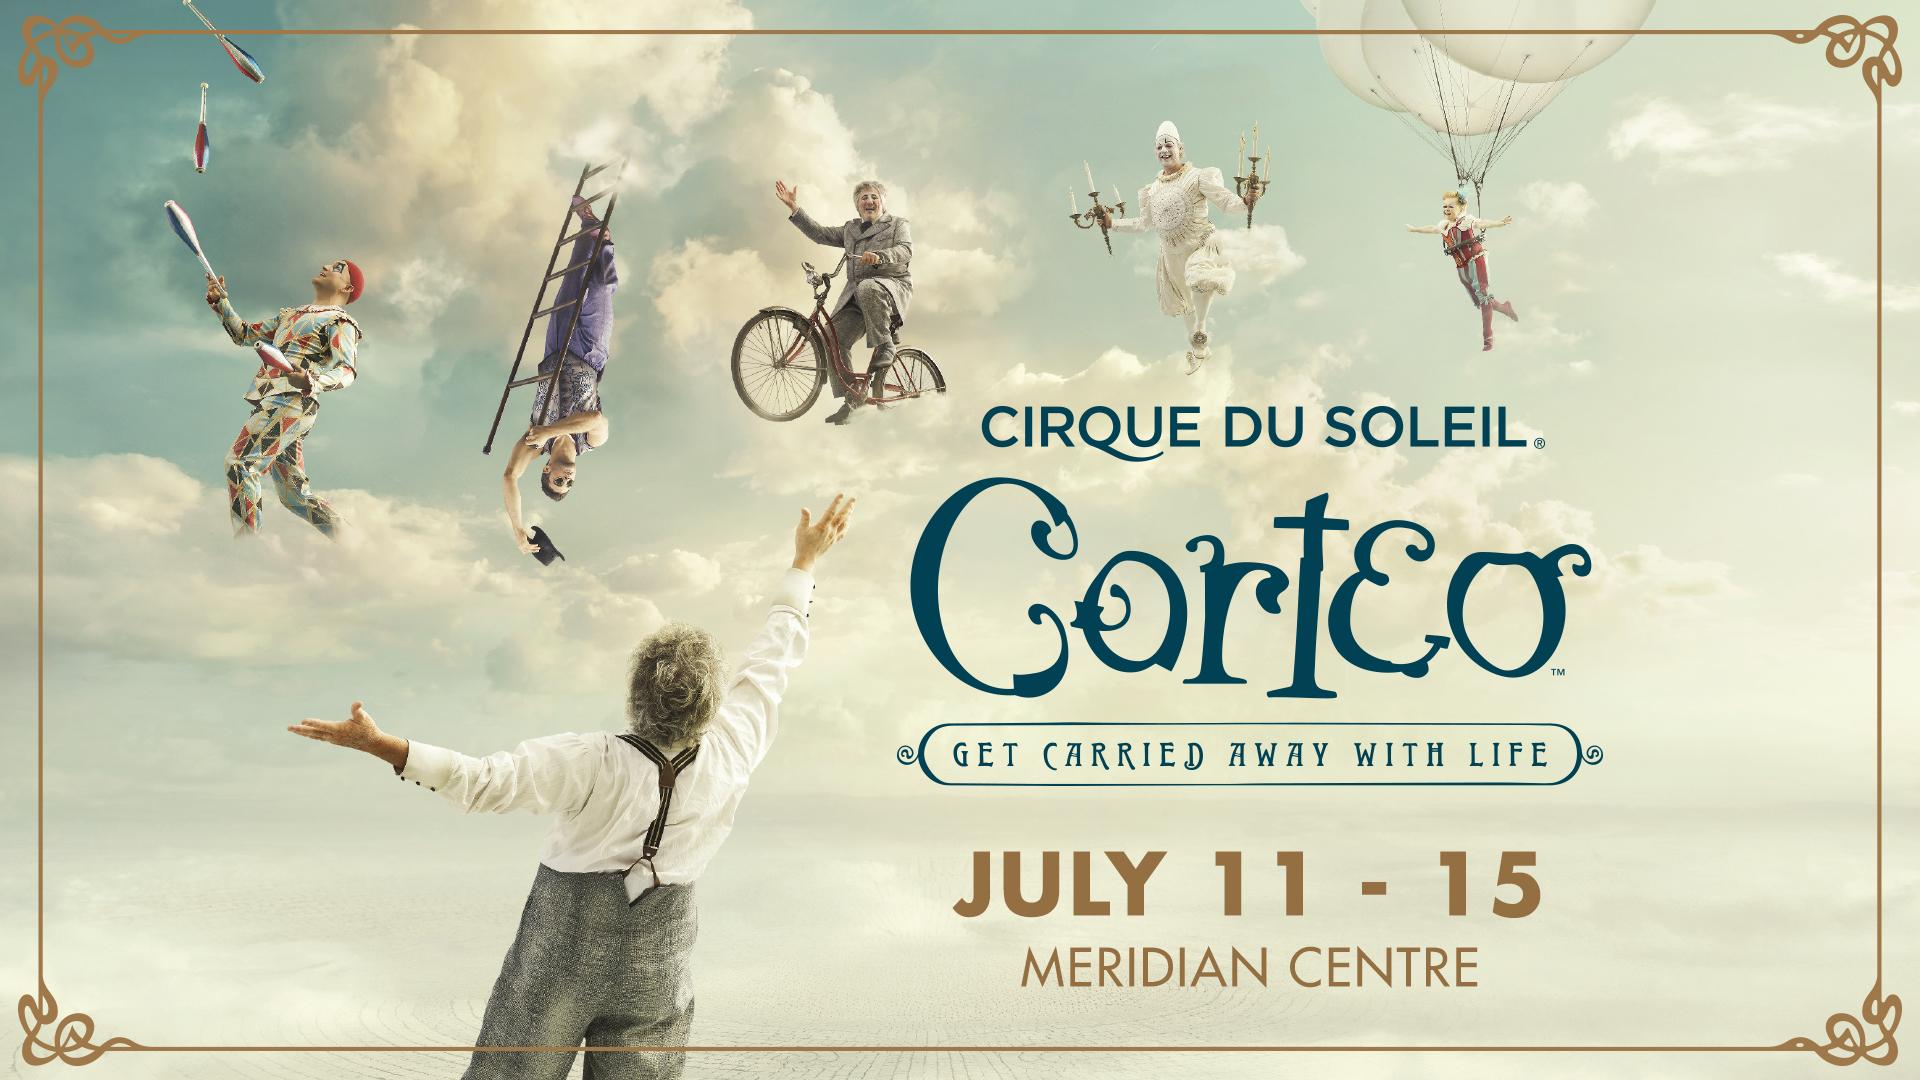 WIN Tickets to Cirque du Soleil's CORTEO!